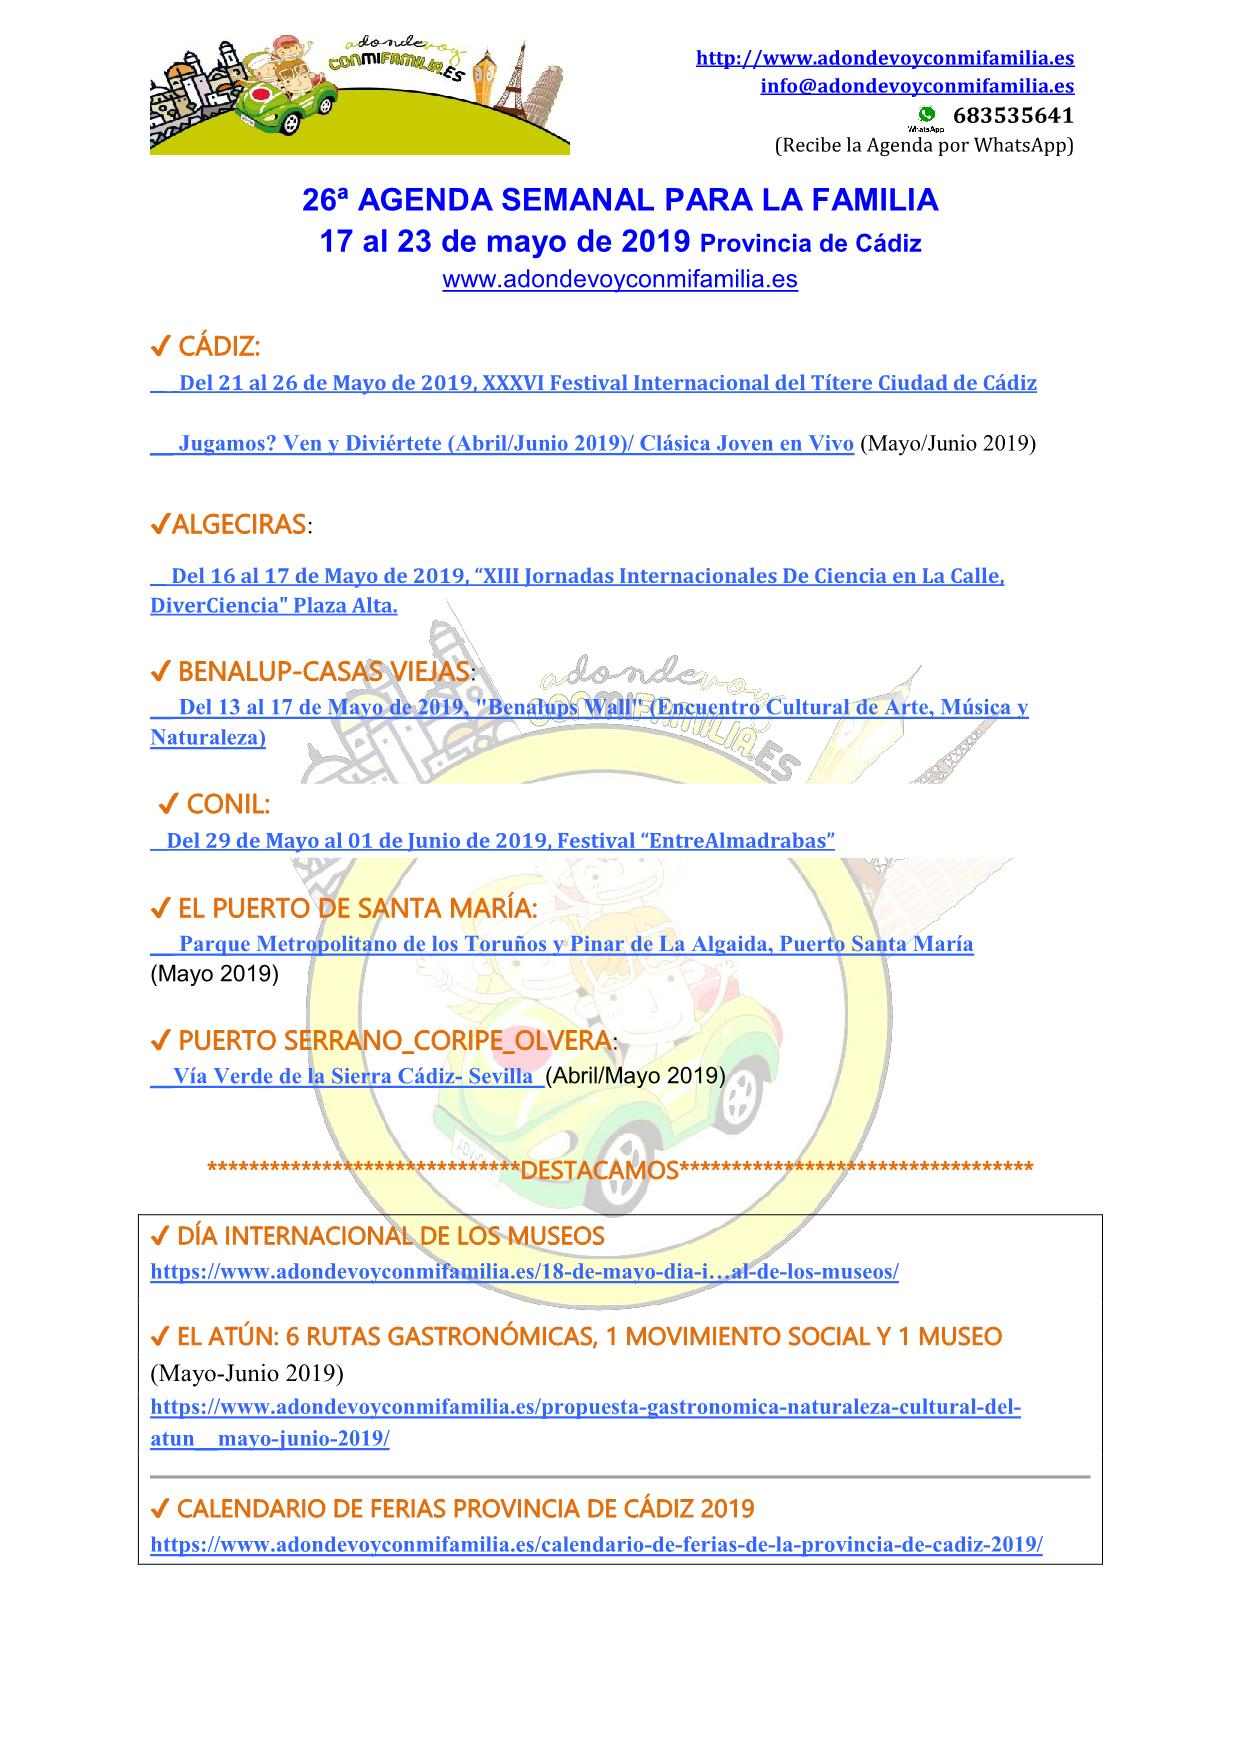 Agenda semanal familiar 17 al 23 mayo 2019